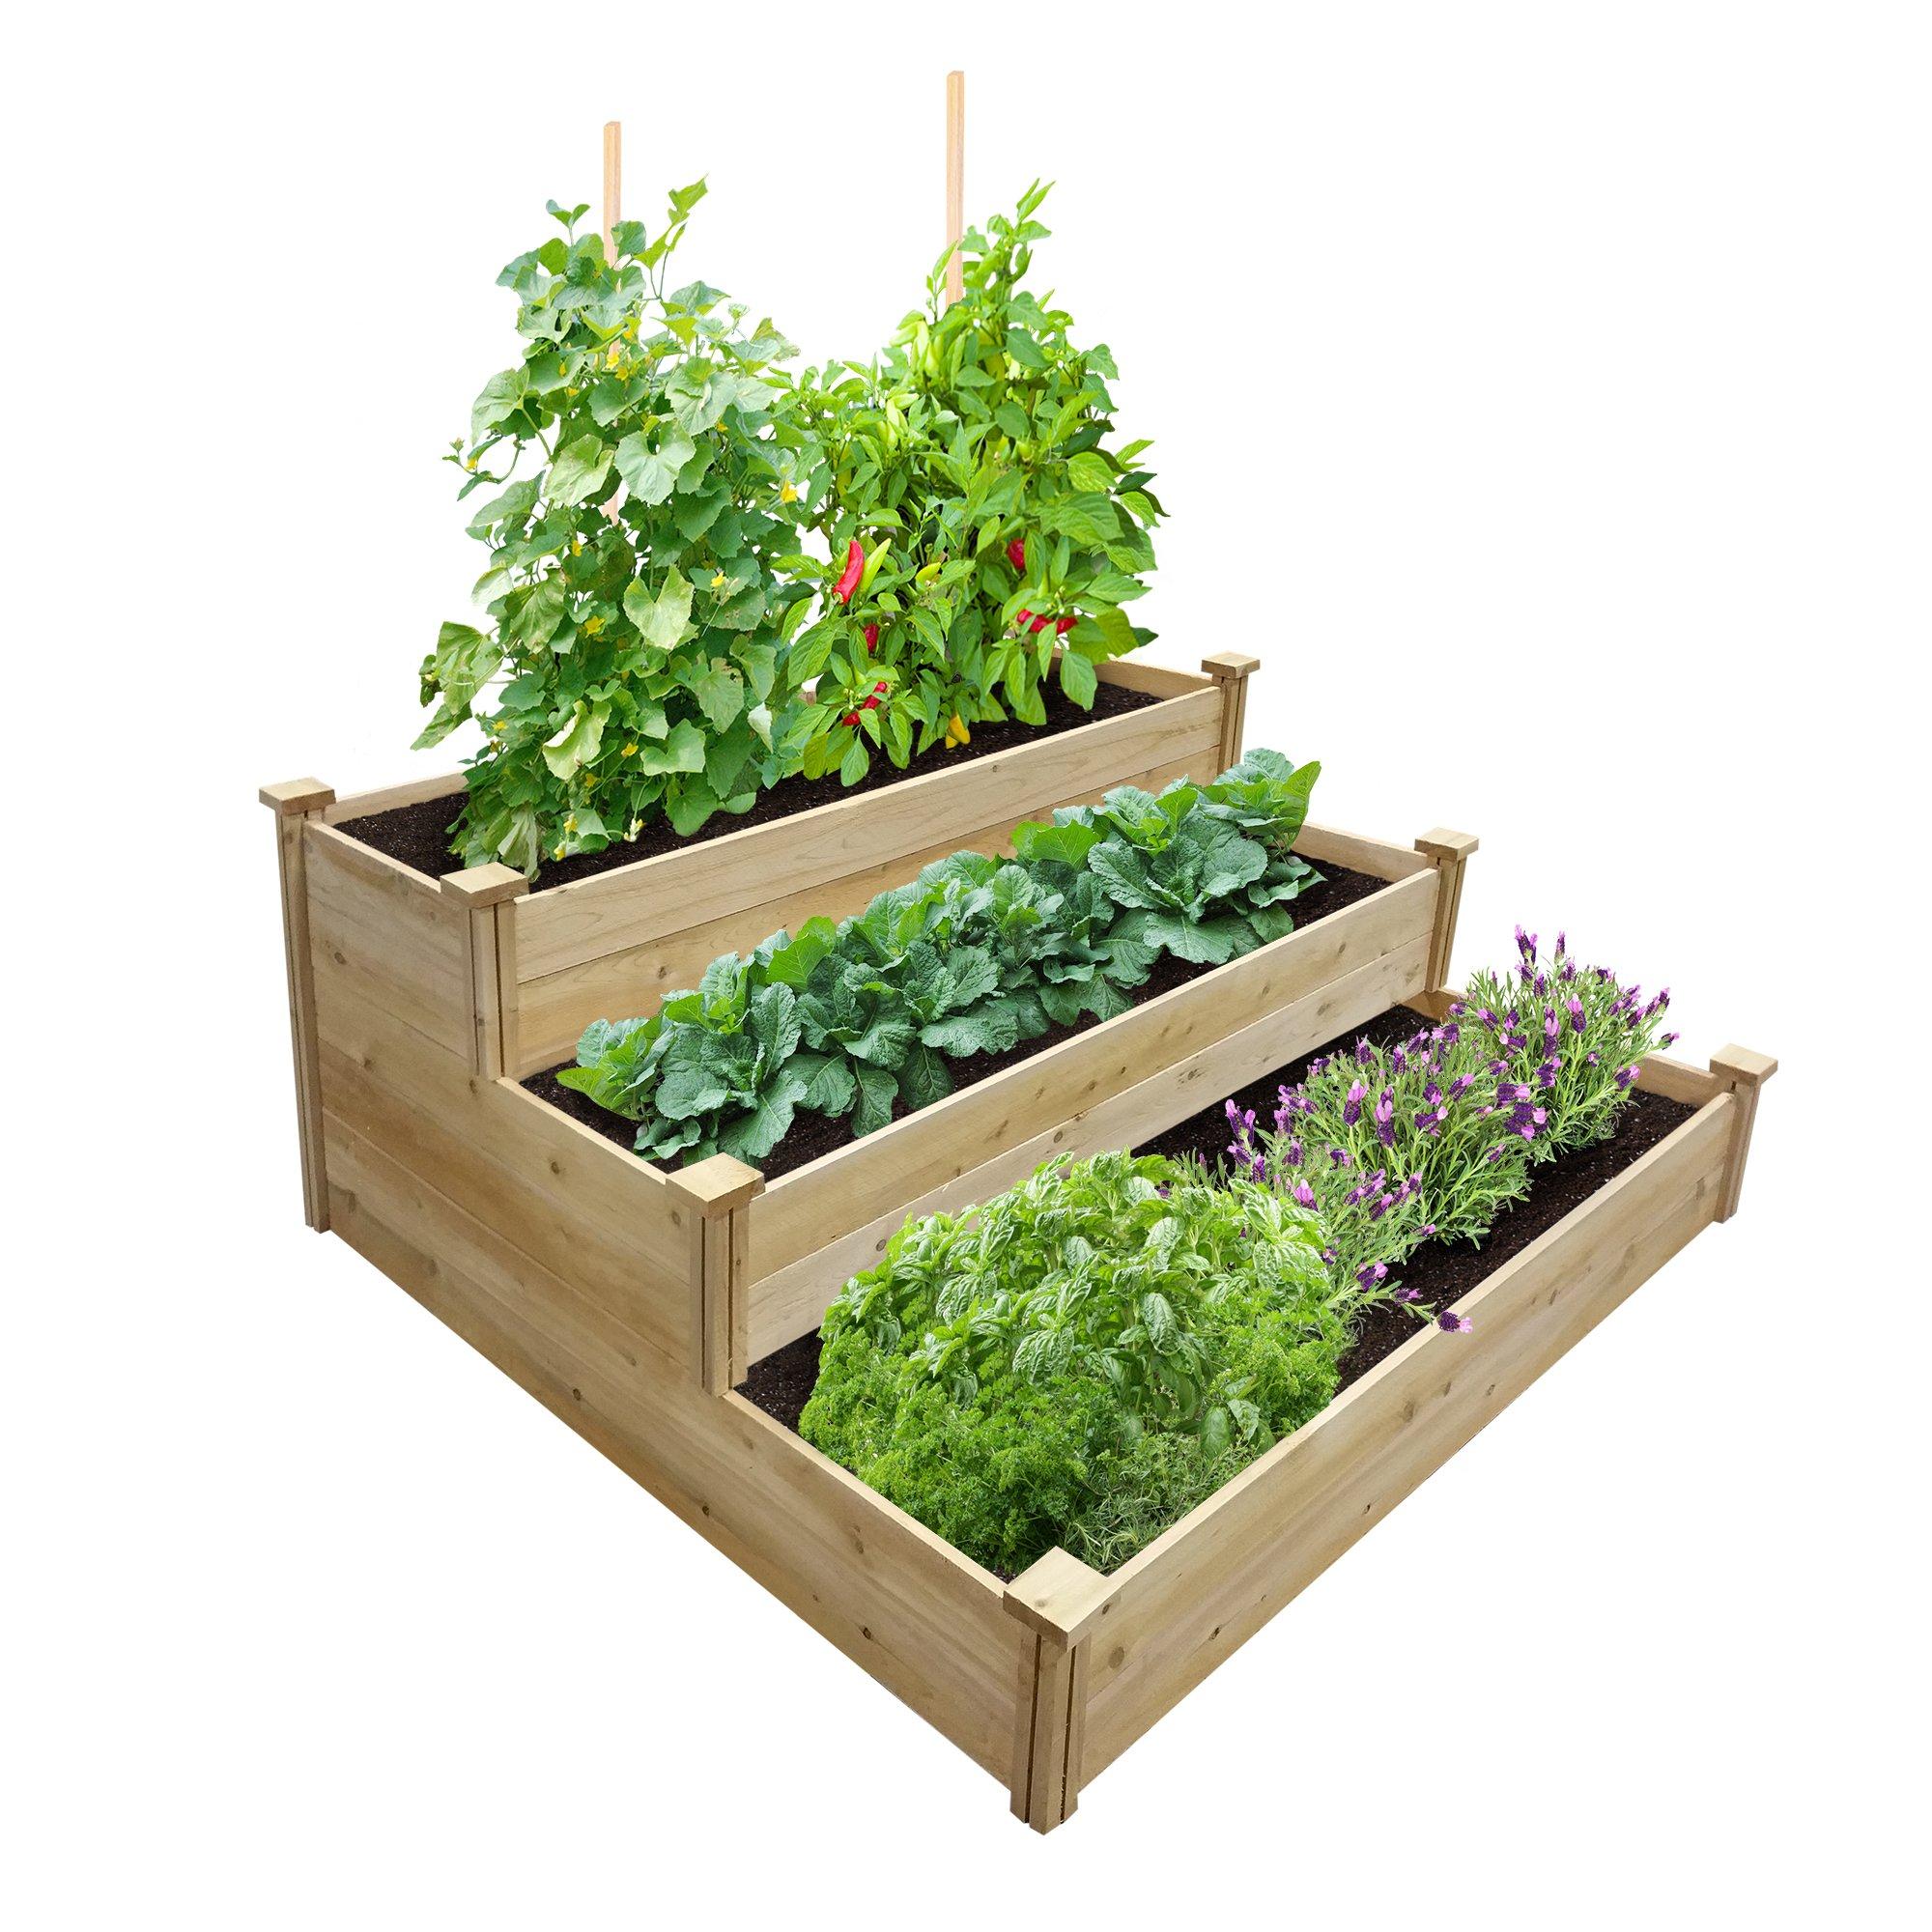 Best Value 3-Tier Cedar Raised Garden Bed Planter 48'' W x 48'' L x 21'' H